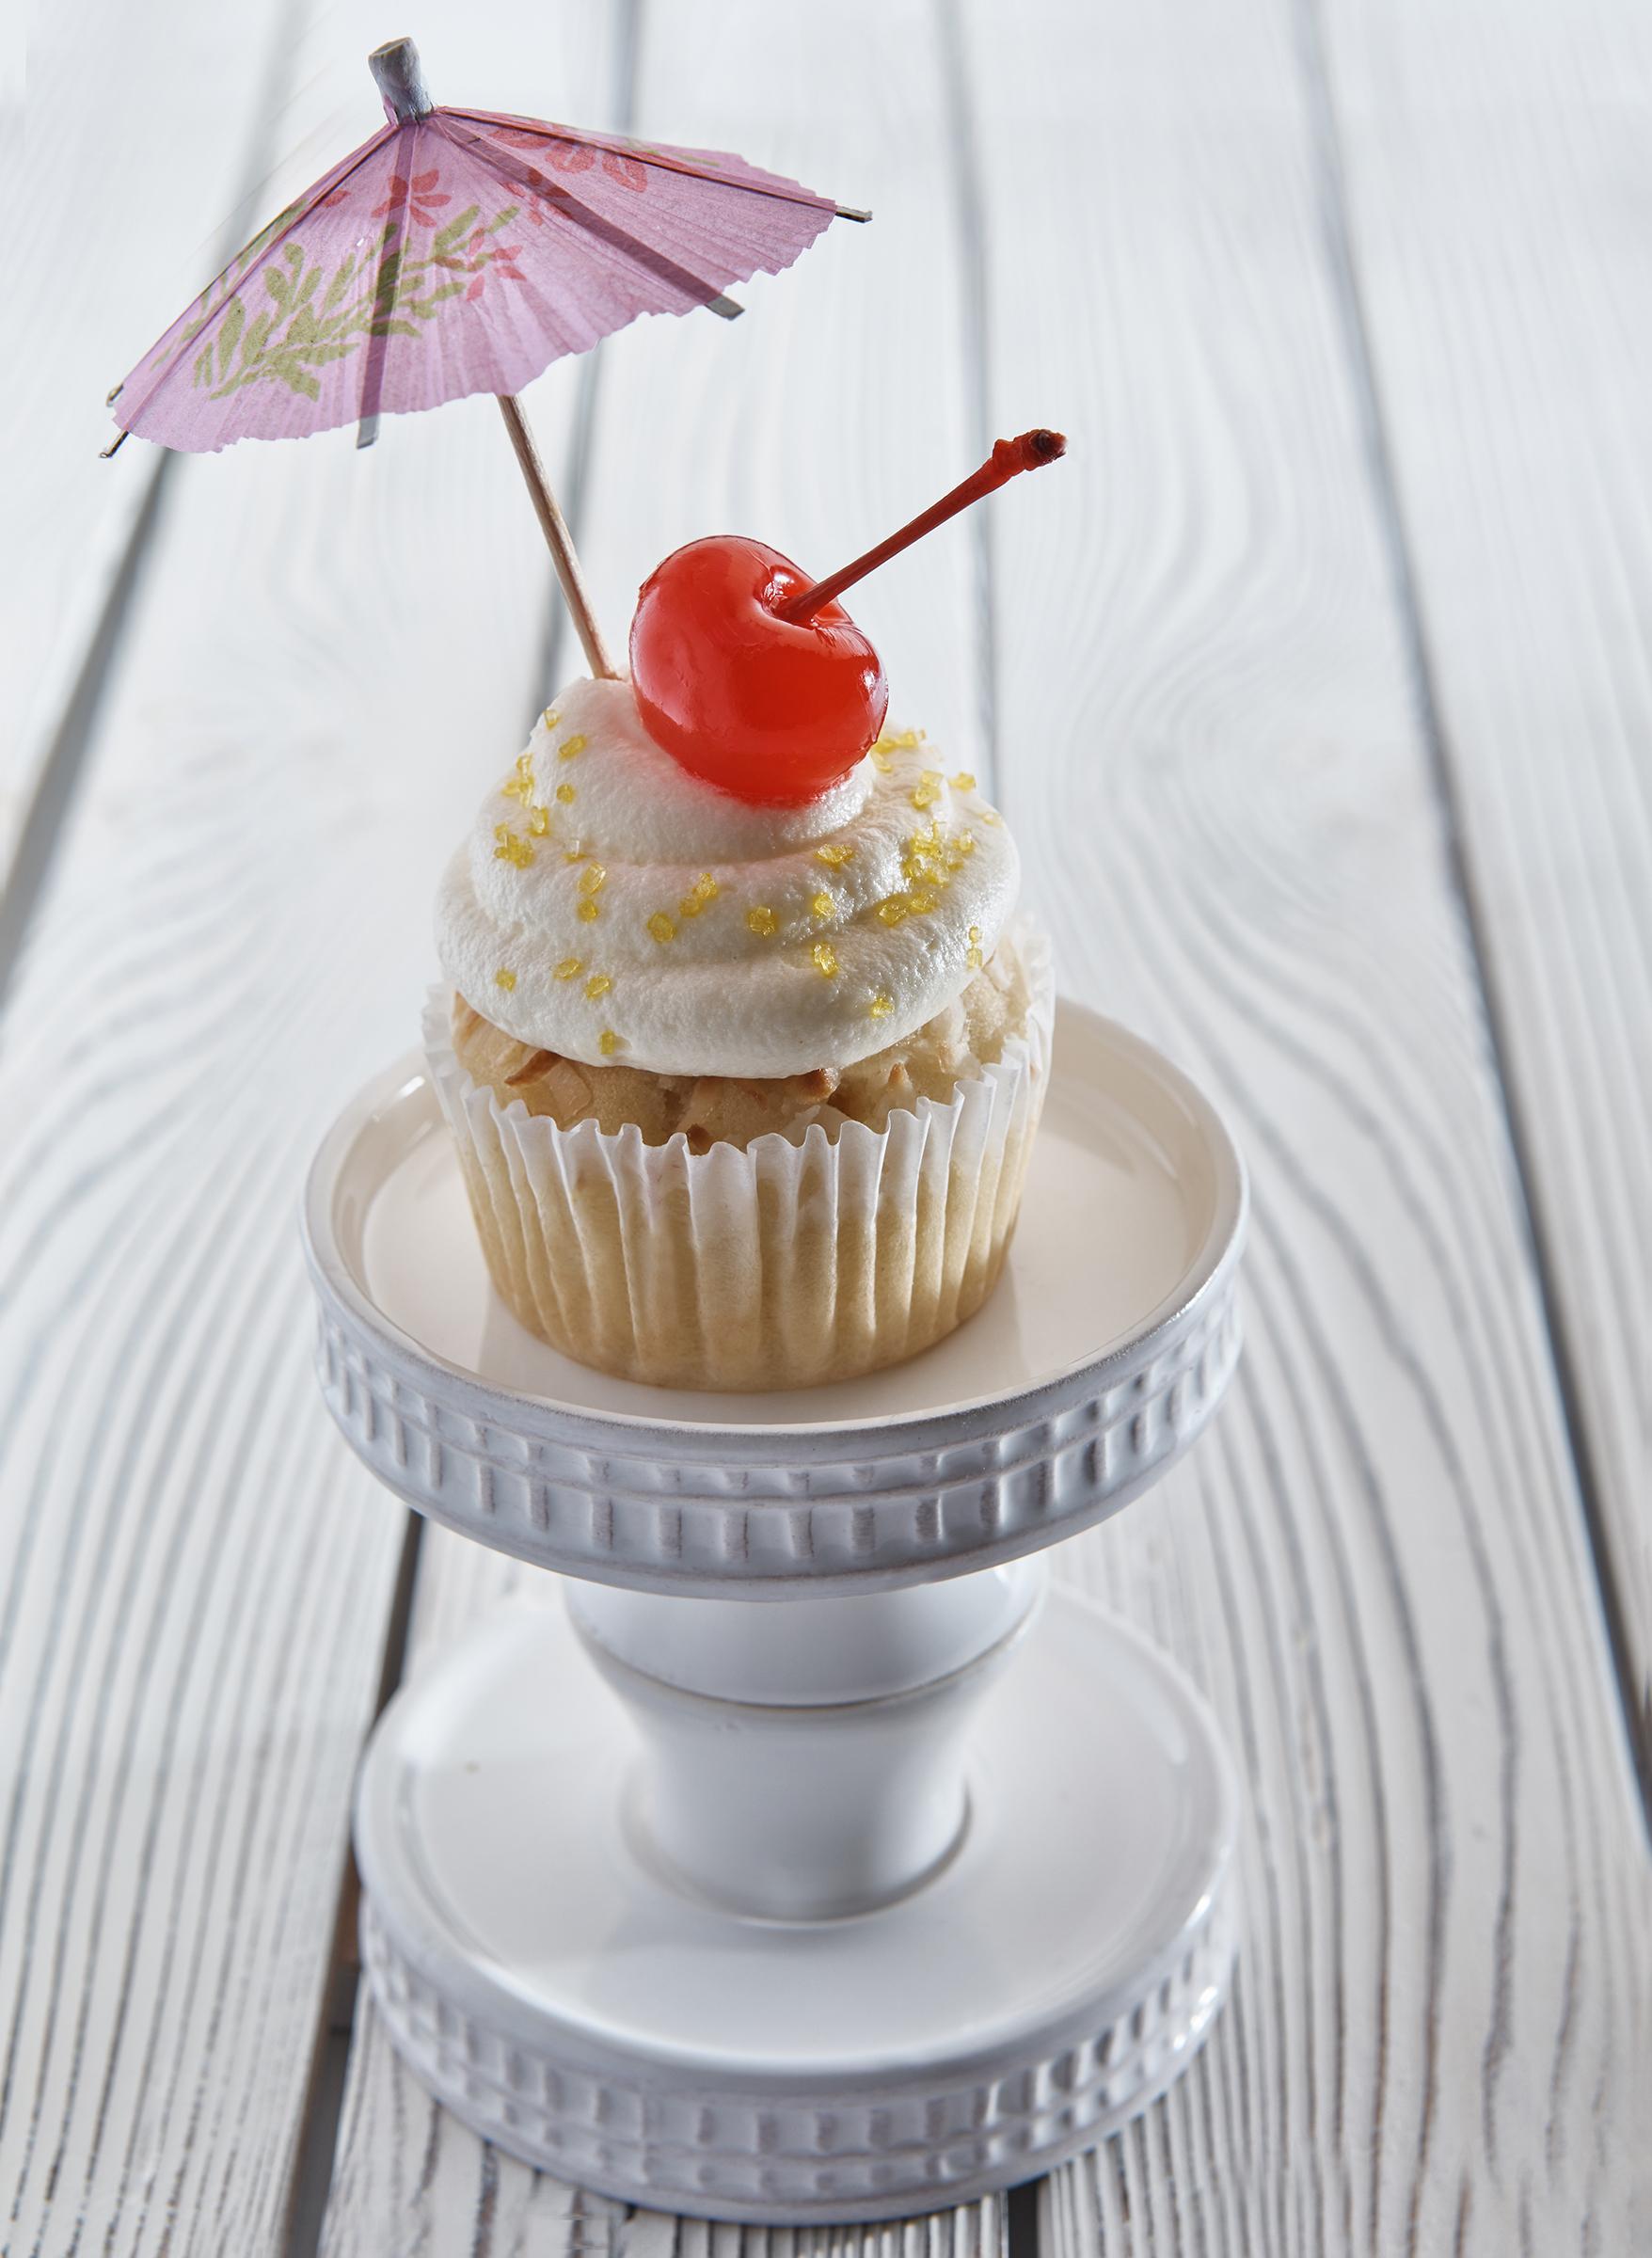 DejaVu-Cakes-CupCakes-08-06-19-02-s.jpg